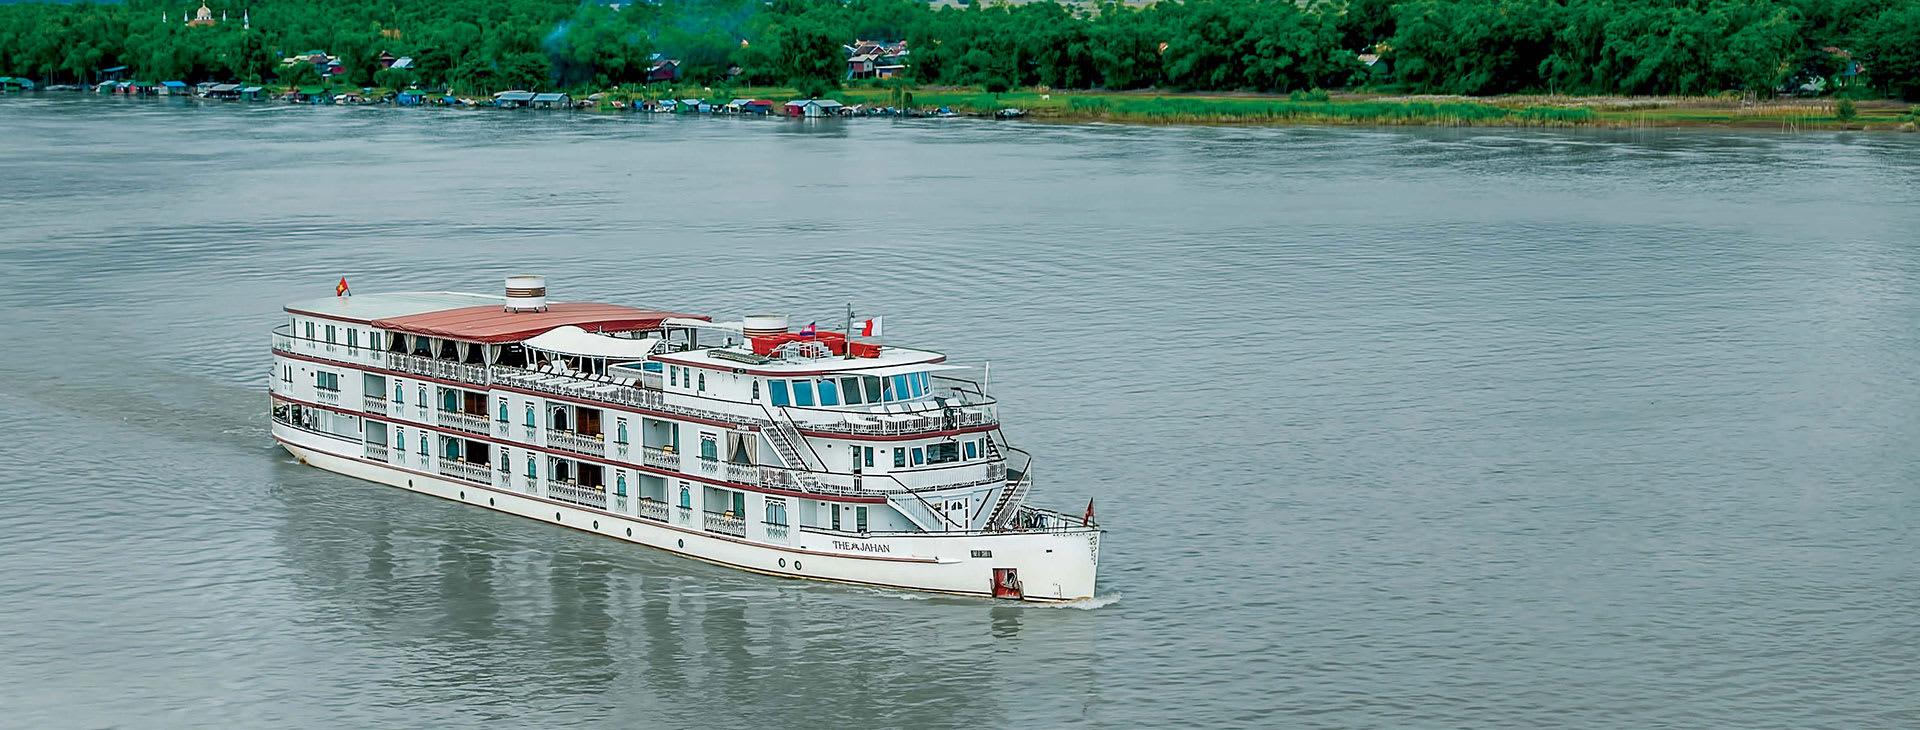 Jahan on the Mekong River